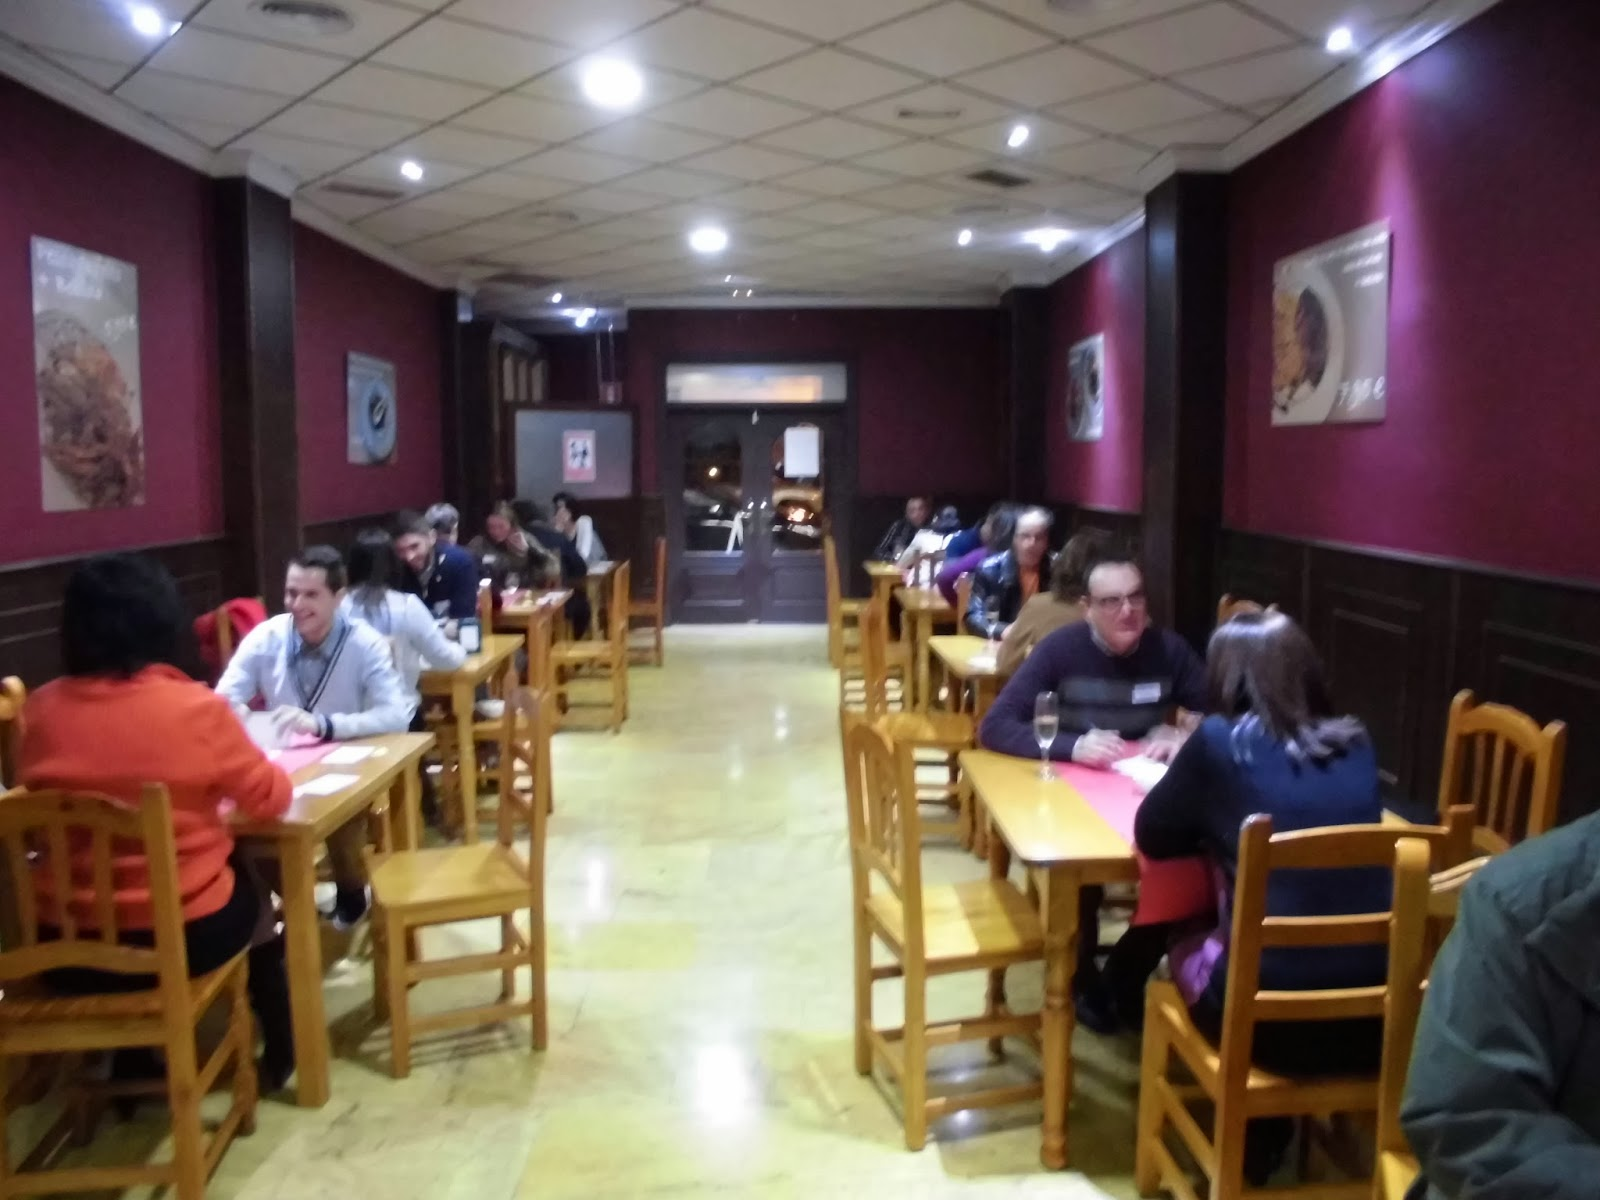 speed dating valencia Speed dating enero 10,  el salón del autor 360º es un encuentro literario que se celebrará en valencia el próximo mes de febrero deel salon del autor.